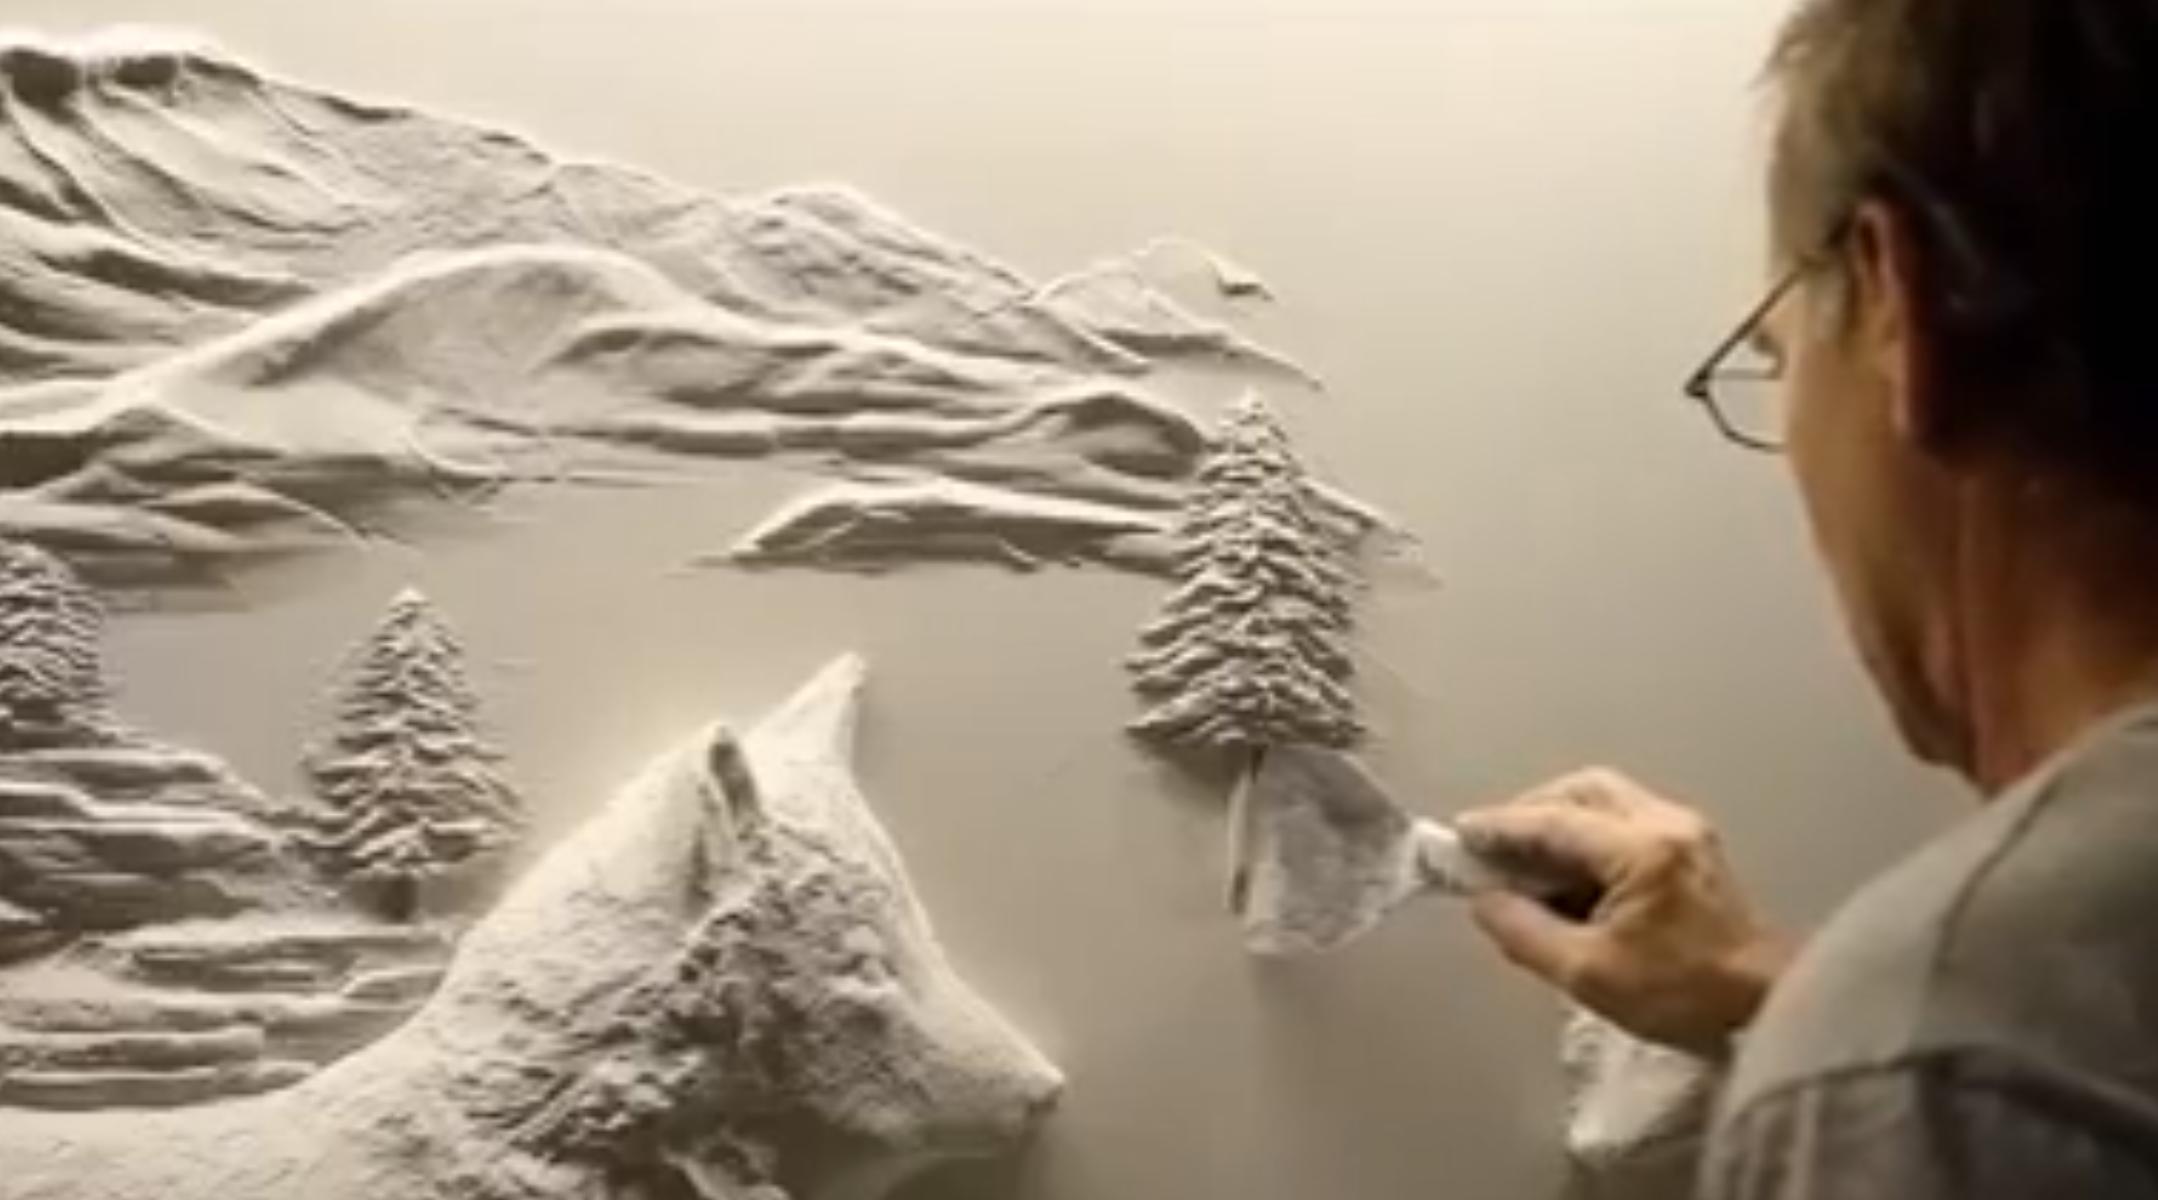 Decoration De Platre : Il réalise une décoration murale magnifique avec du pl tre